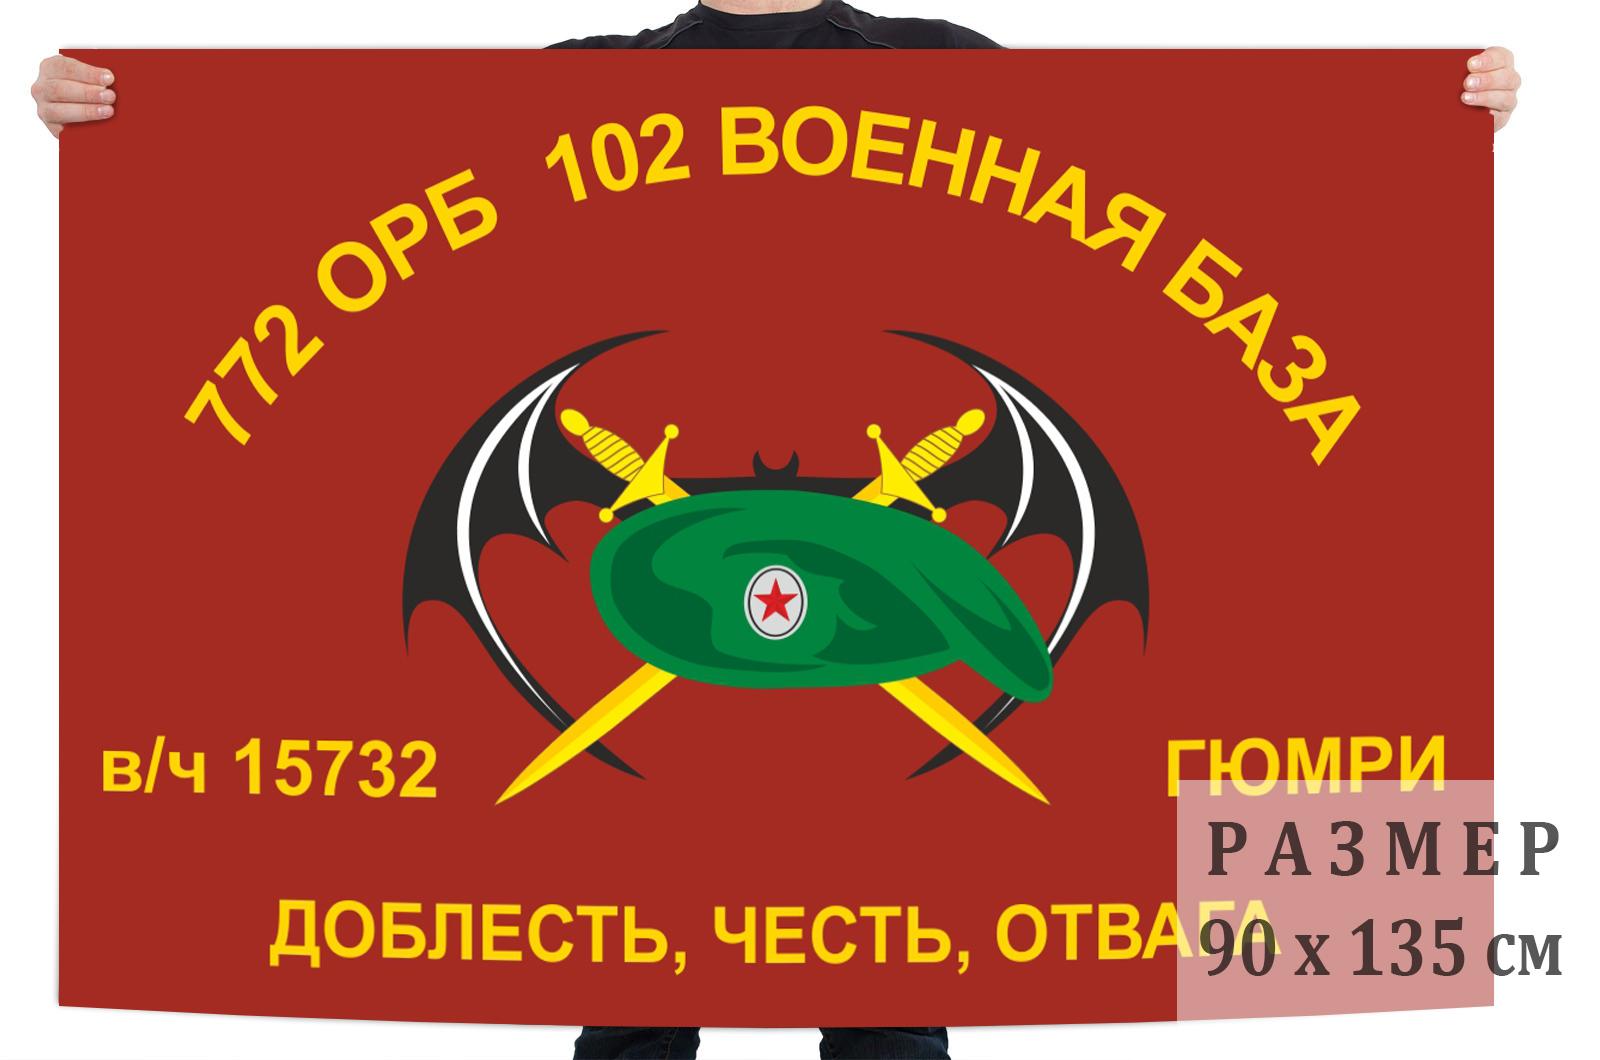 Купить в интернете флаг 772 ОРБ 102 Военная база Гюмри